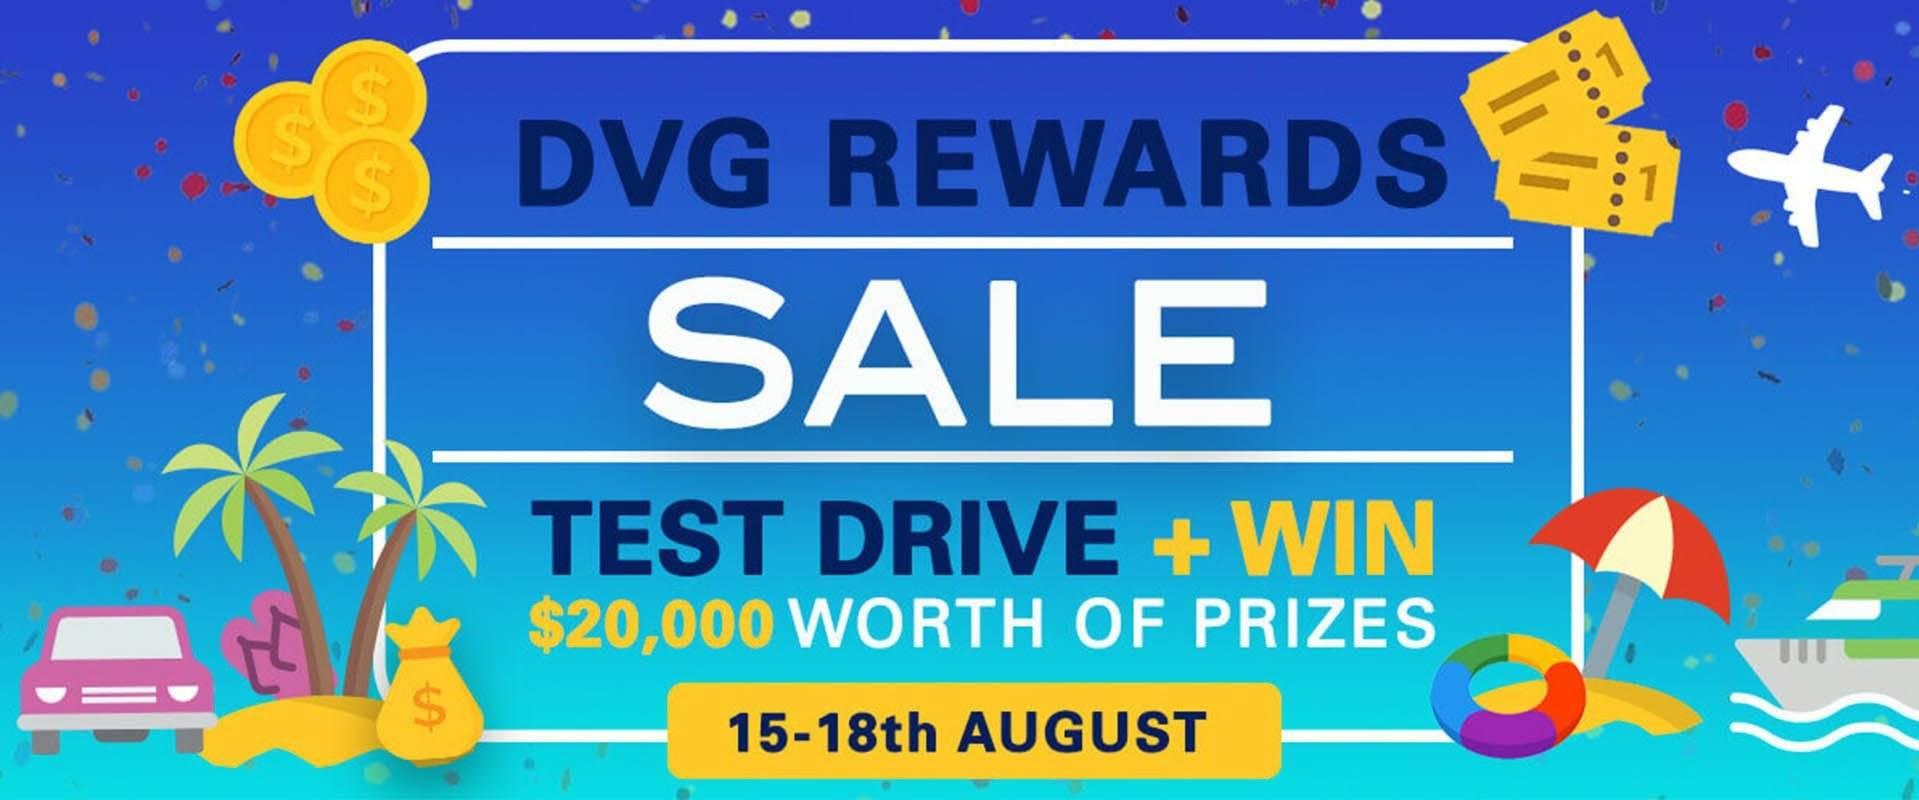 DVG-Rewards Sale